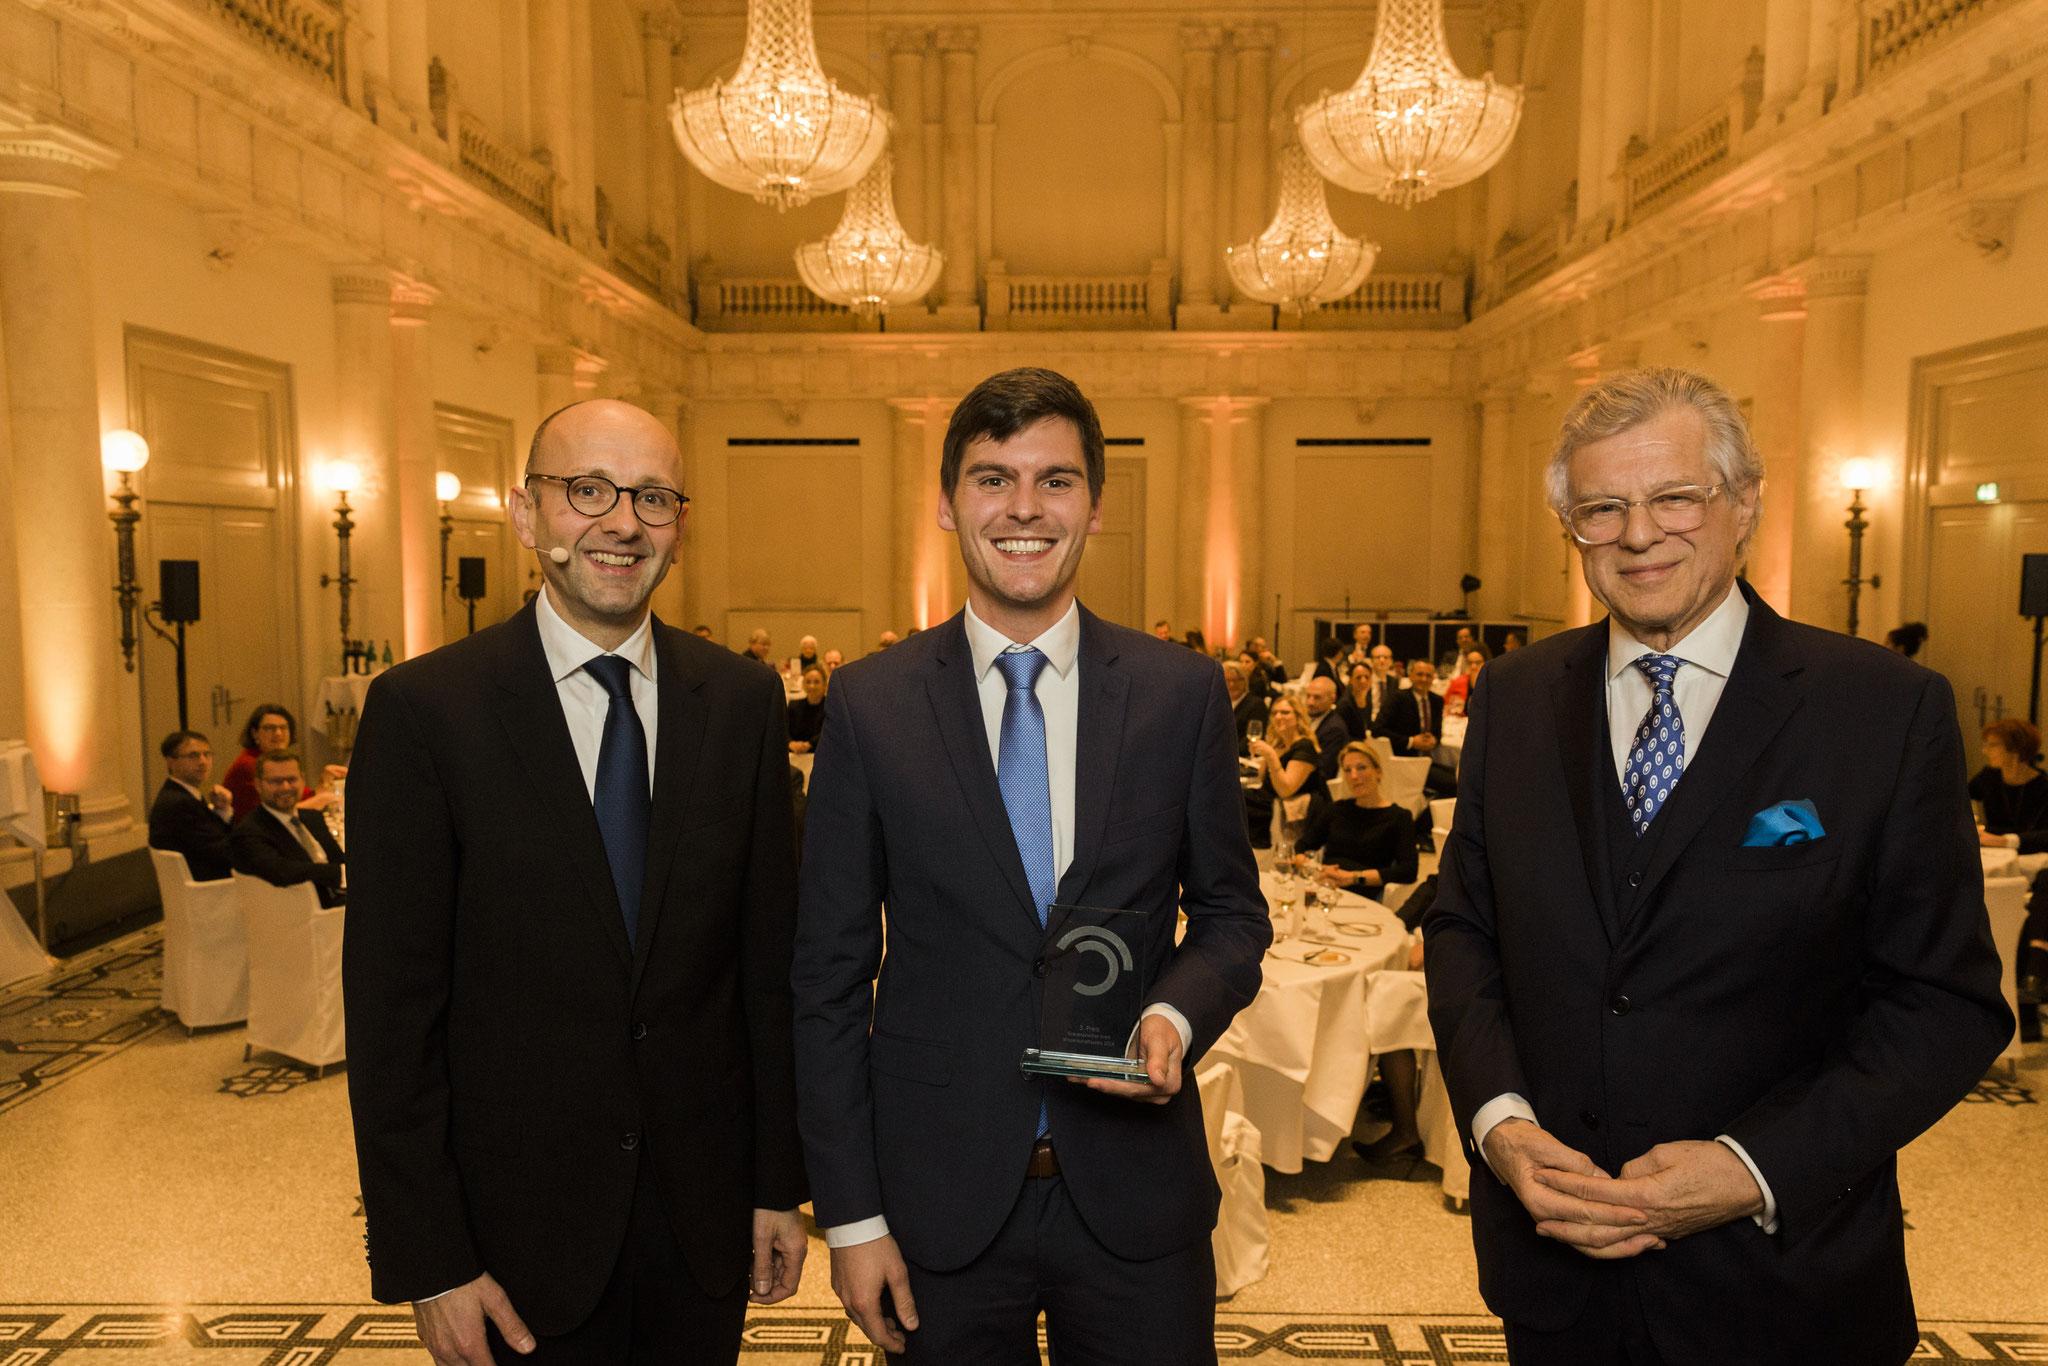 Von links: Lucas Flöther, Johannes Richter, 3. Platz Wissenschaftspreis, Bruno Kübler © 2018 Sven Döring